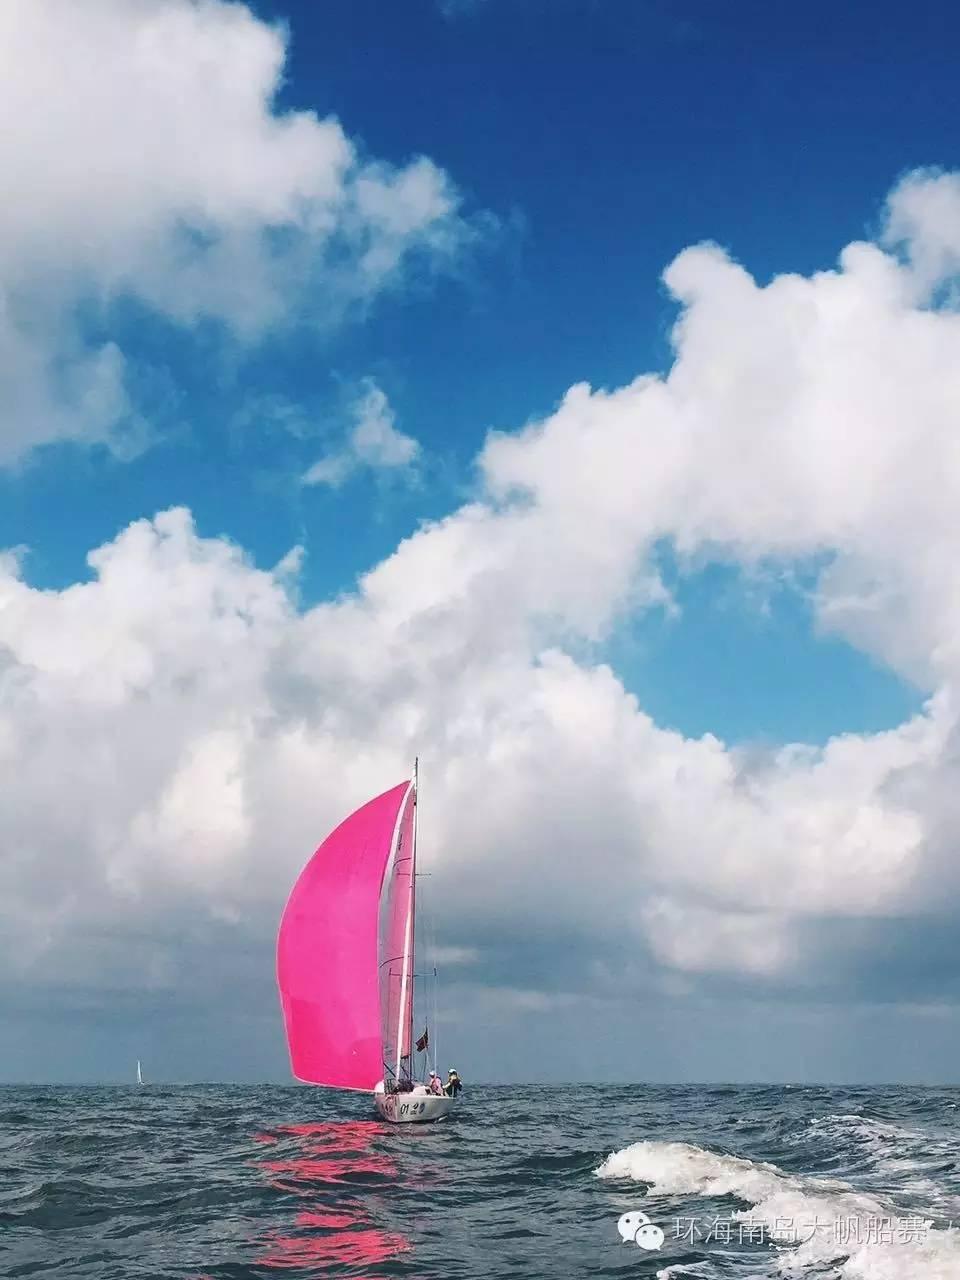 【富力湾帆船赛】各路大咖悉数就位 3ea947ebbec9e7003d98dbf10fe9ec17.jpg